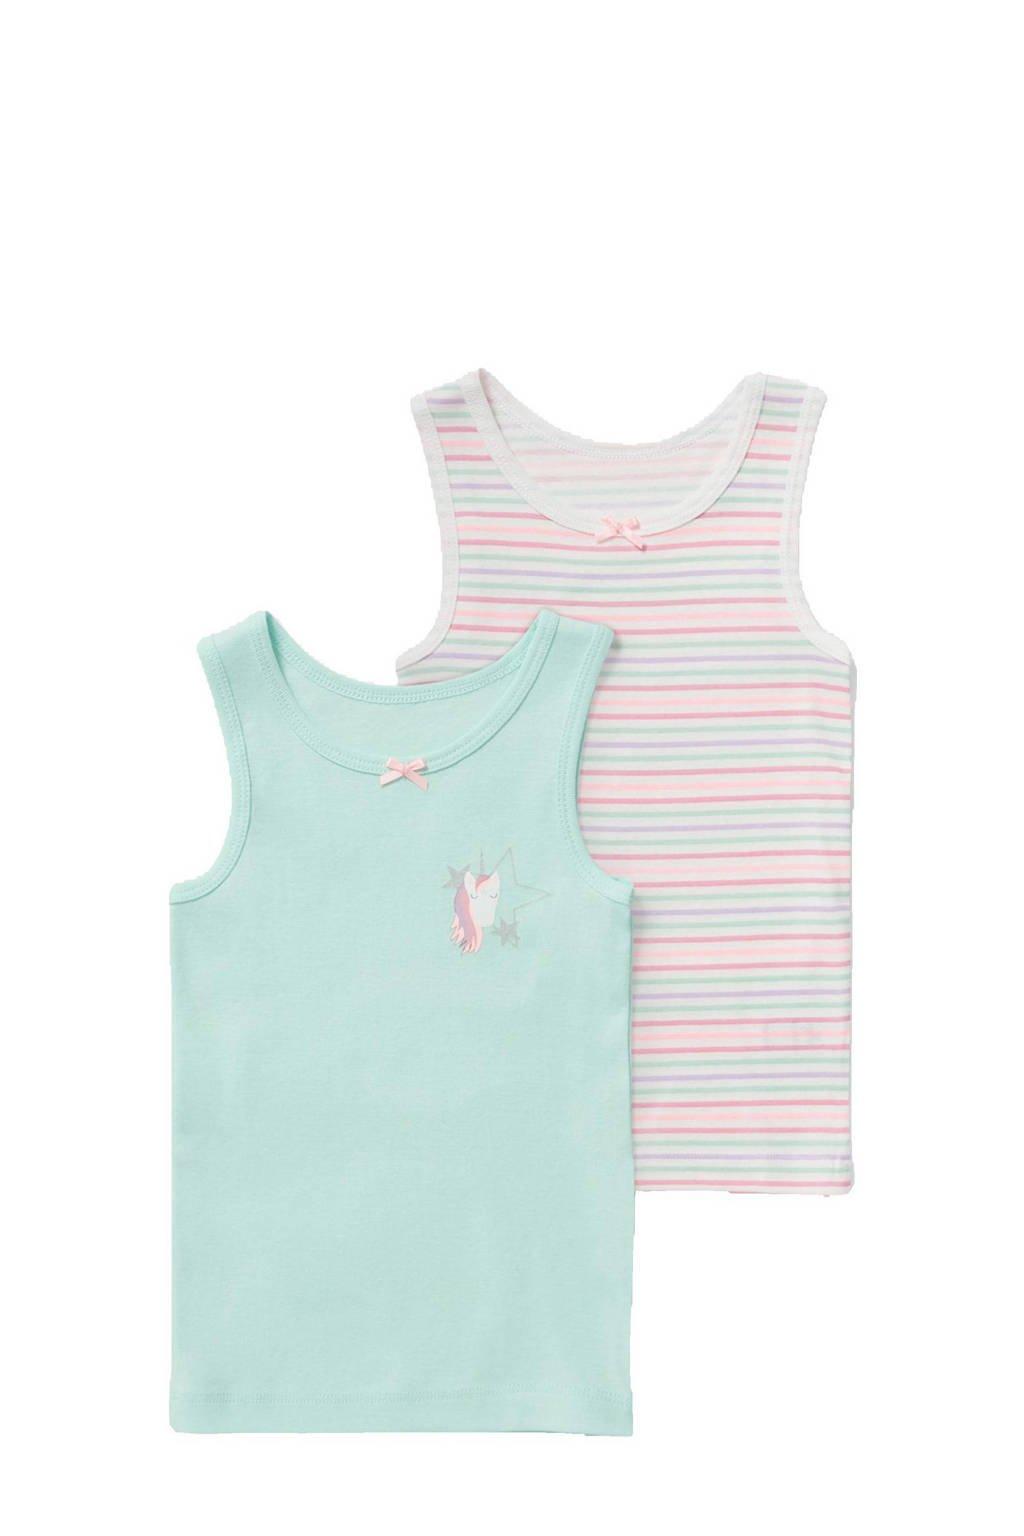 C&A Palomino hemd - set van 2 mintgroen/wit, Mintgroen/wit